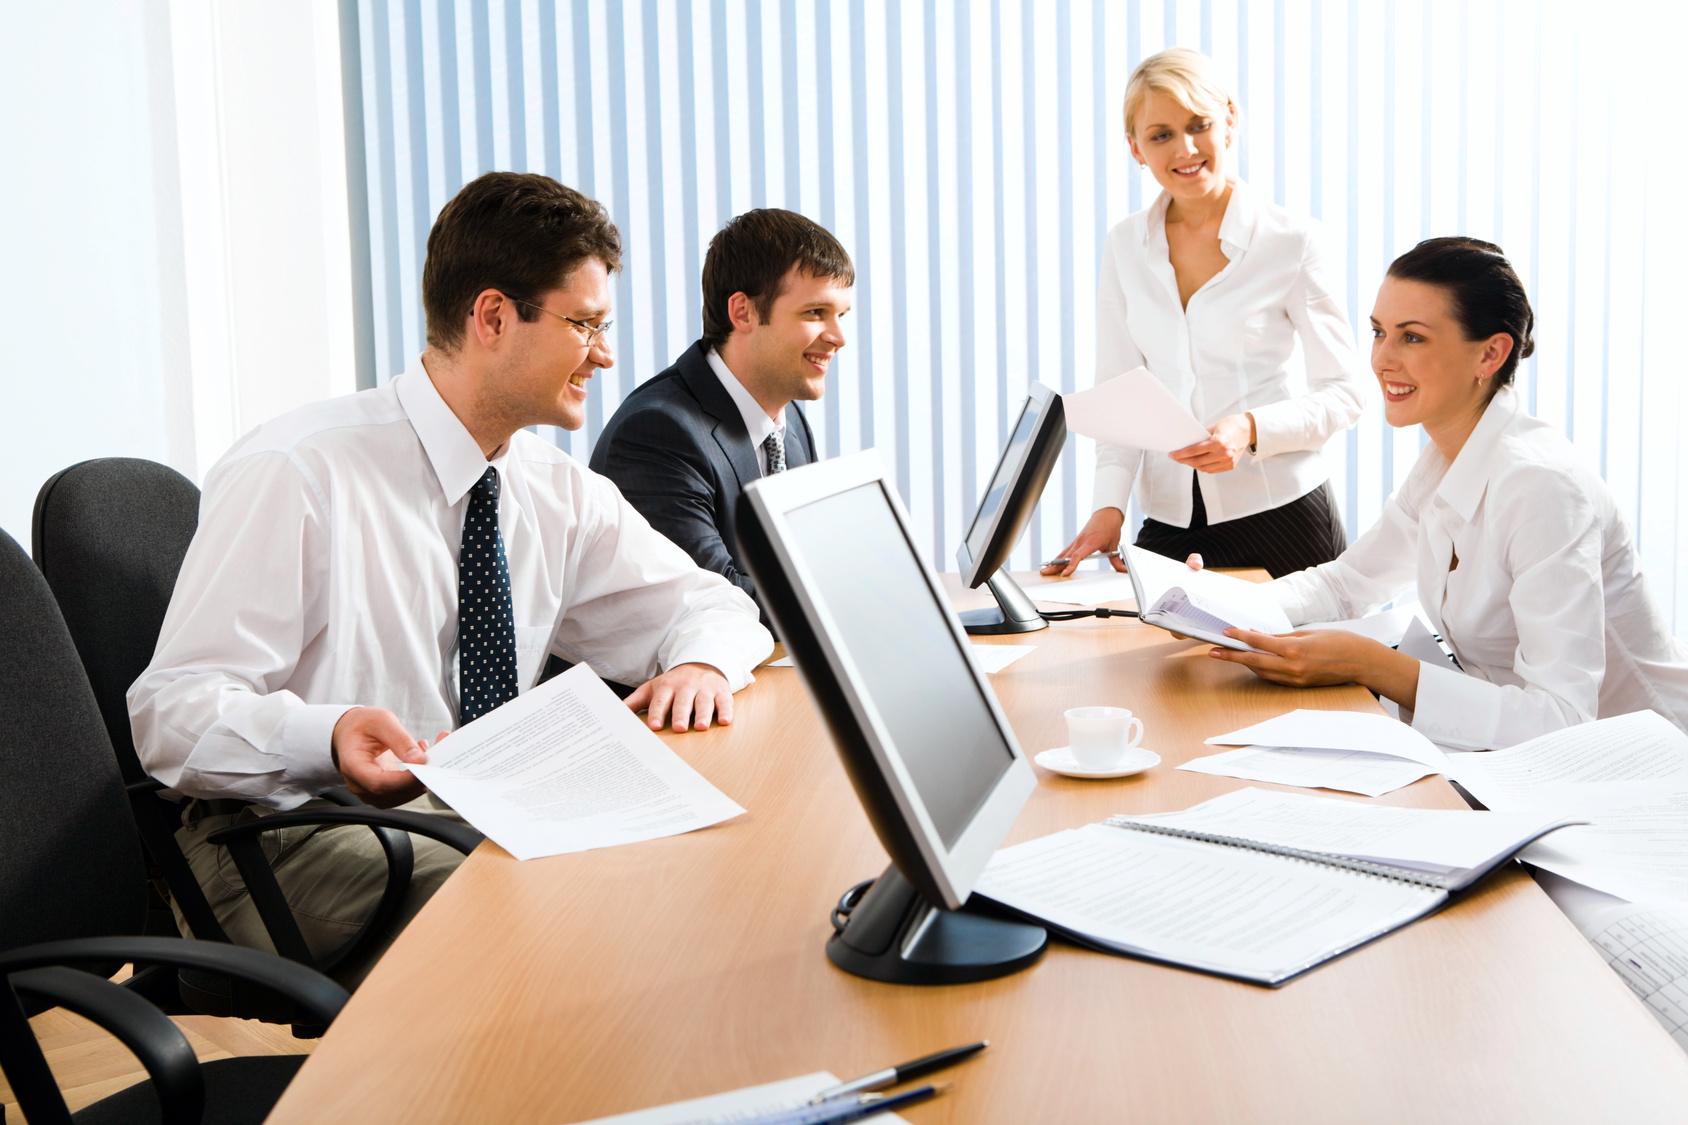 Как сделать эффективной работу всего коллектива